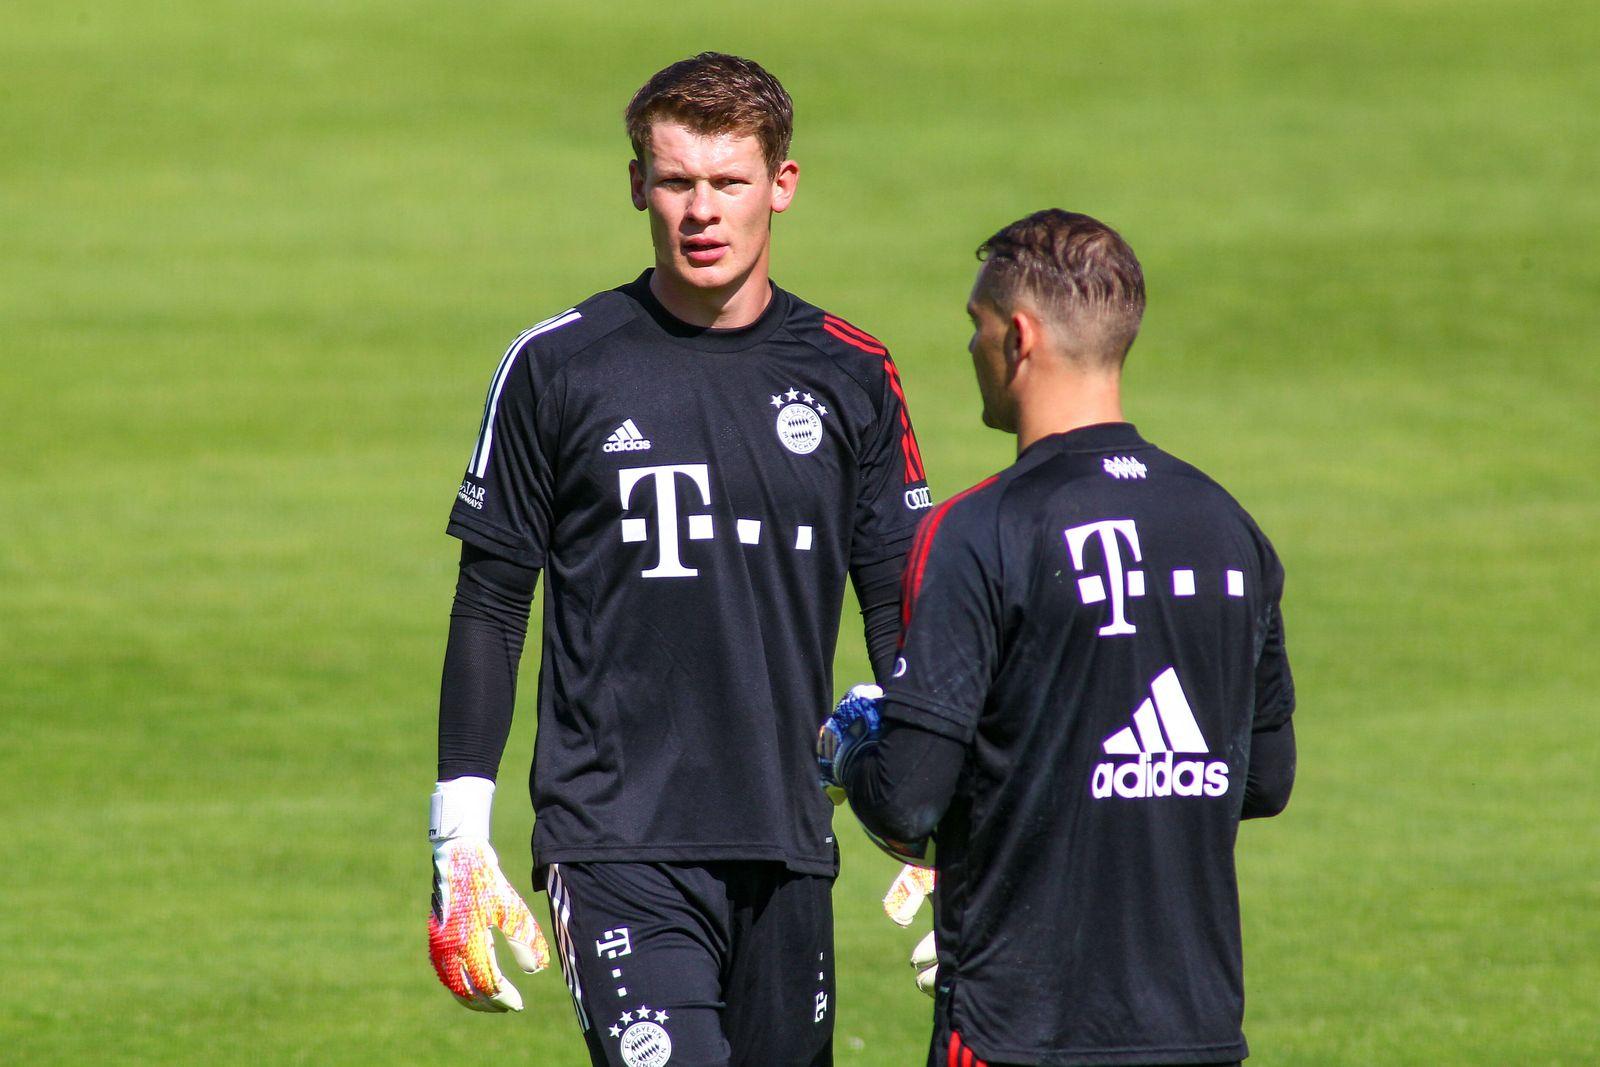 Muenchen, Deutschland 25. Juli 2020: 1. BL - 20/21 - FC Bayern Muenchen Training 25.07.2020 v.li. Torhueter Alexander Nü